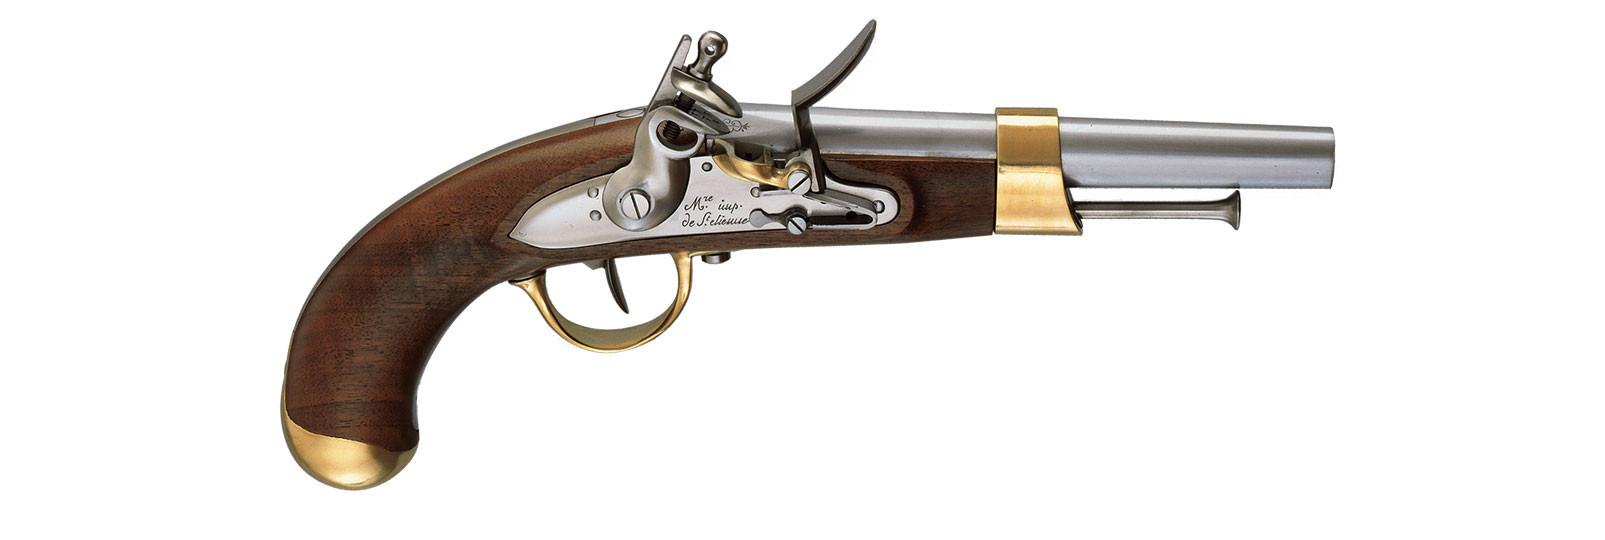 An XIII Pistol